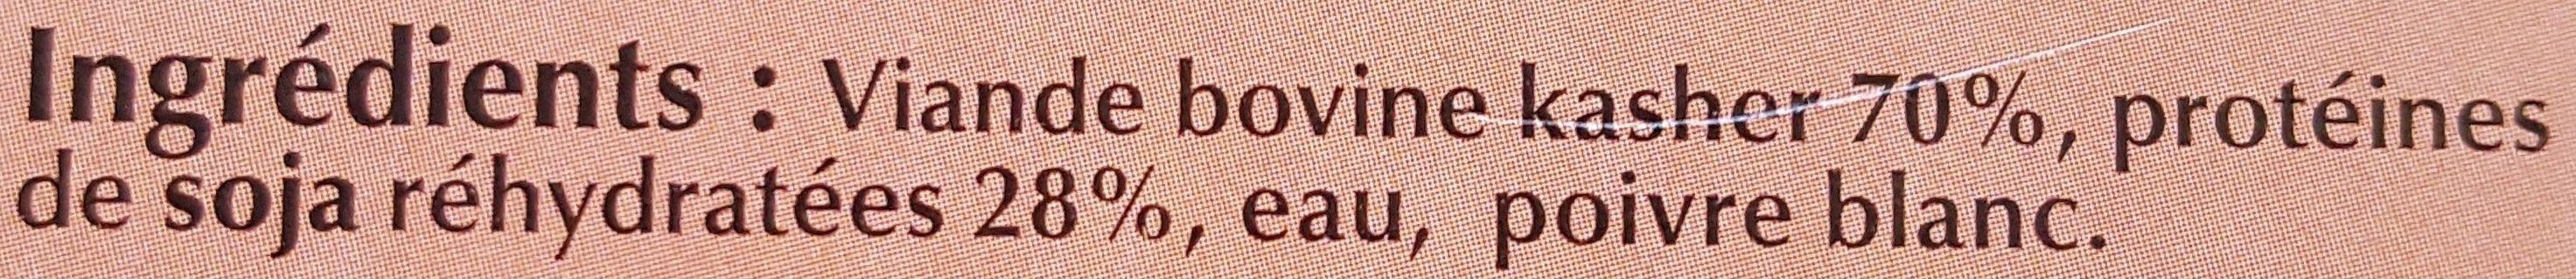 Boulettes au Bœuf - Ingrédients - fr